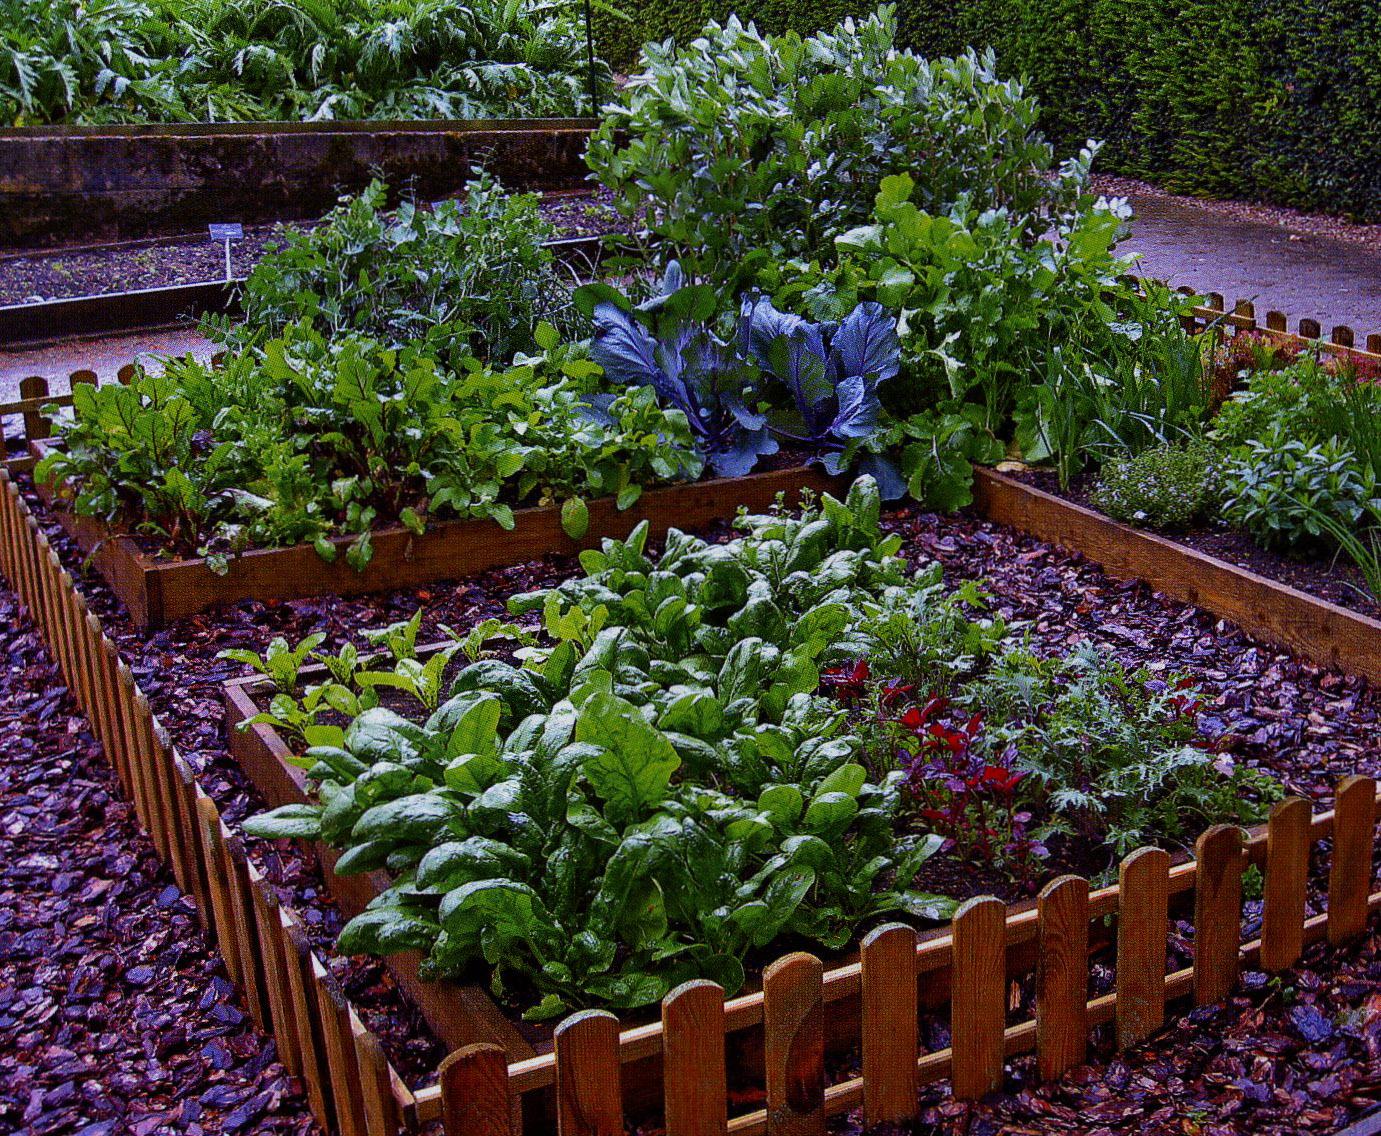 ближайший сад и огород дизайн своими руками фото медовые коржи, забитые